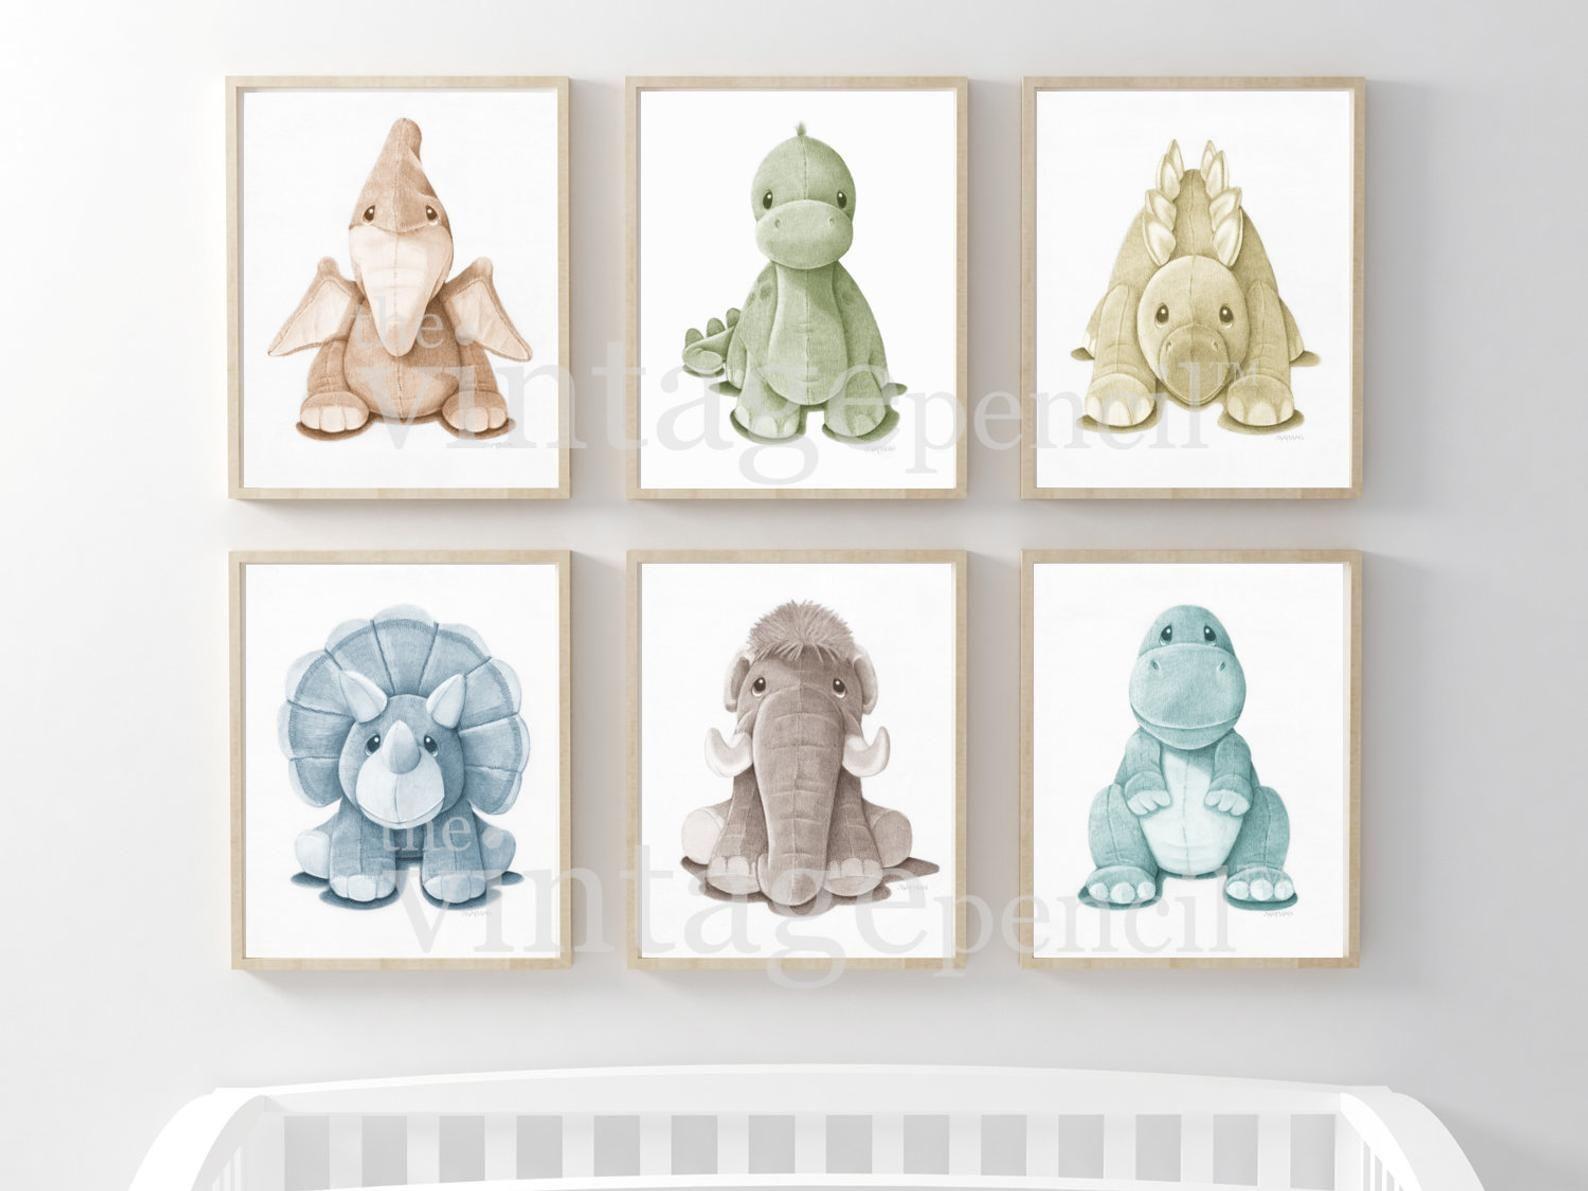 Nursery Dinosaur Print, Dinosaur Nursery Print, Baby Dinosaur Prints, Dinosaur Wall Art, Dinosaur Prints for Nursery, Dinosaur Nursery, Boy